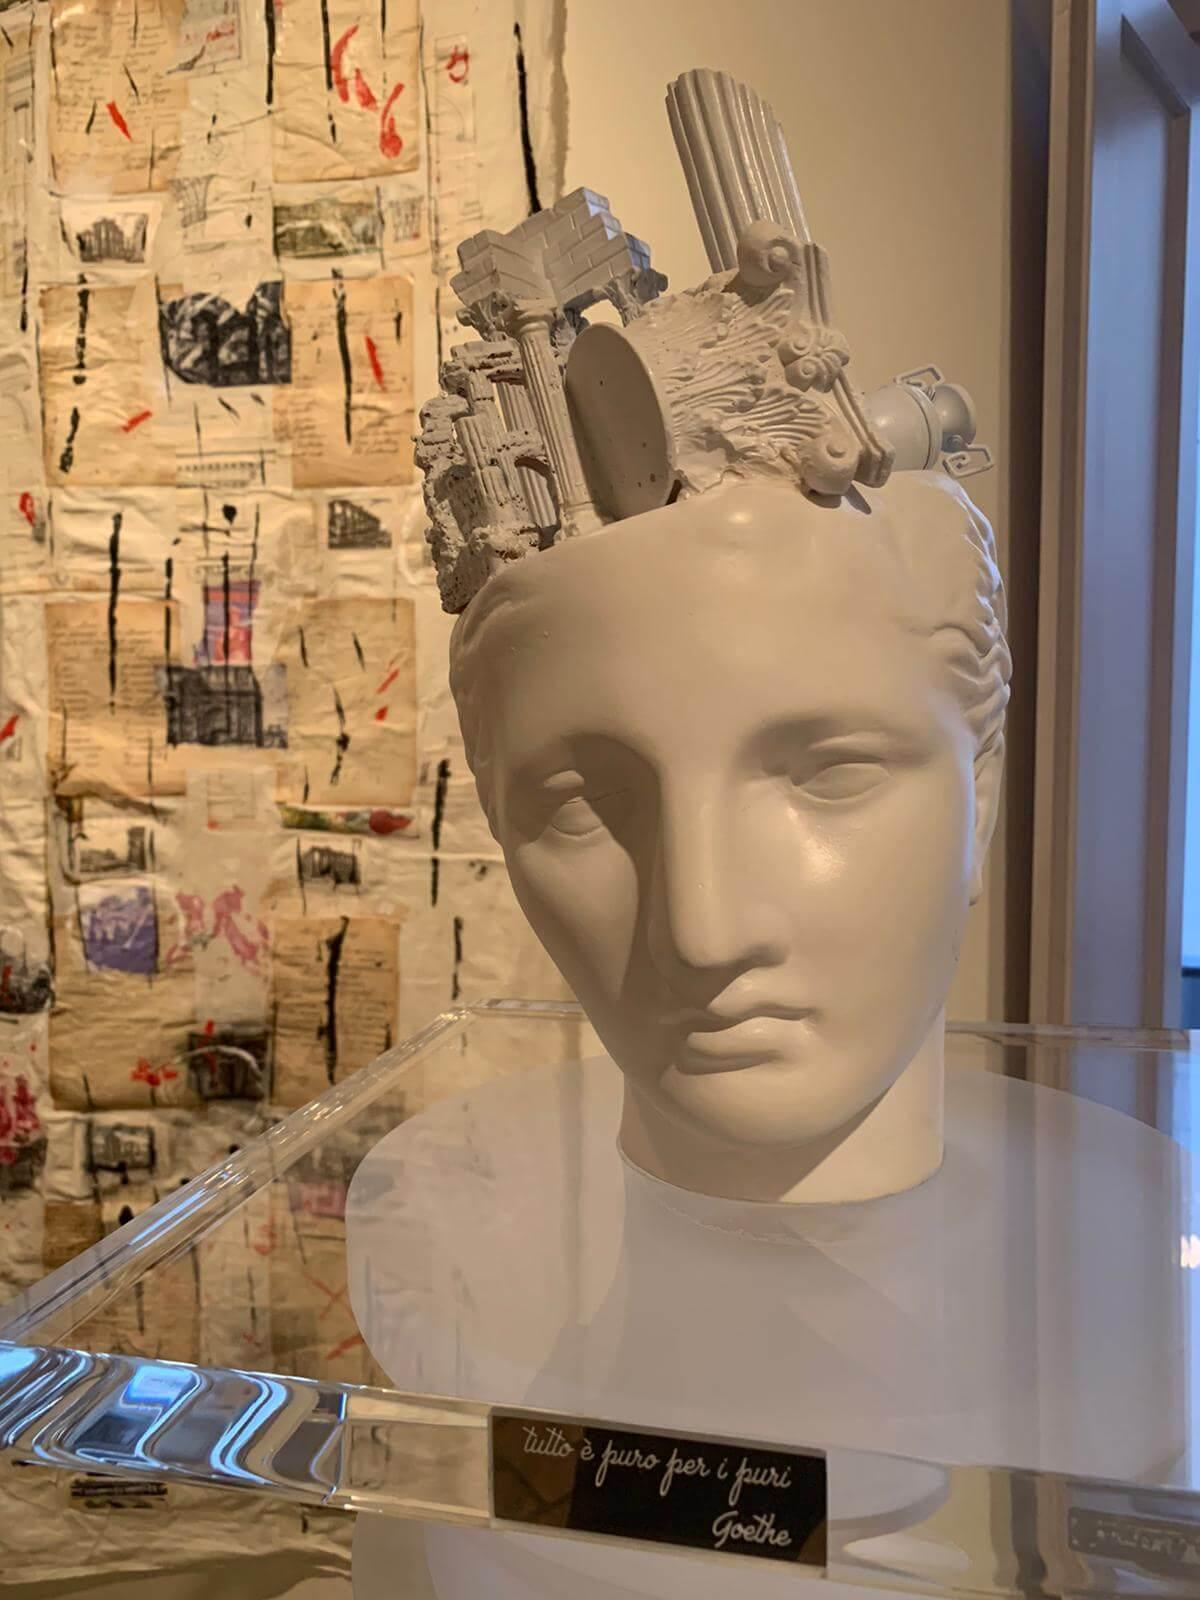 Giulia Pastore, Piranesi Visionario, Skulptur 2020